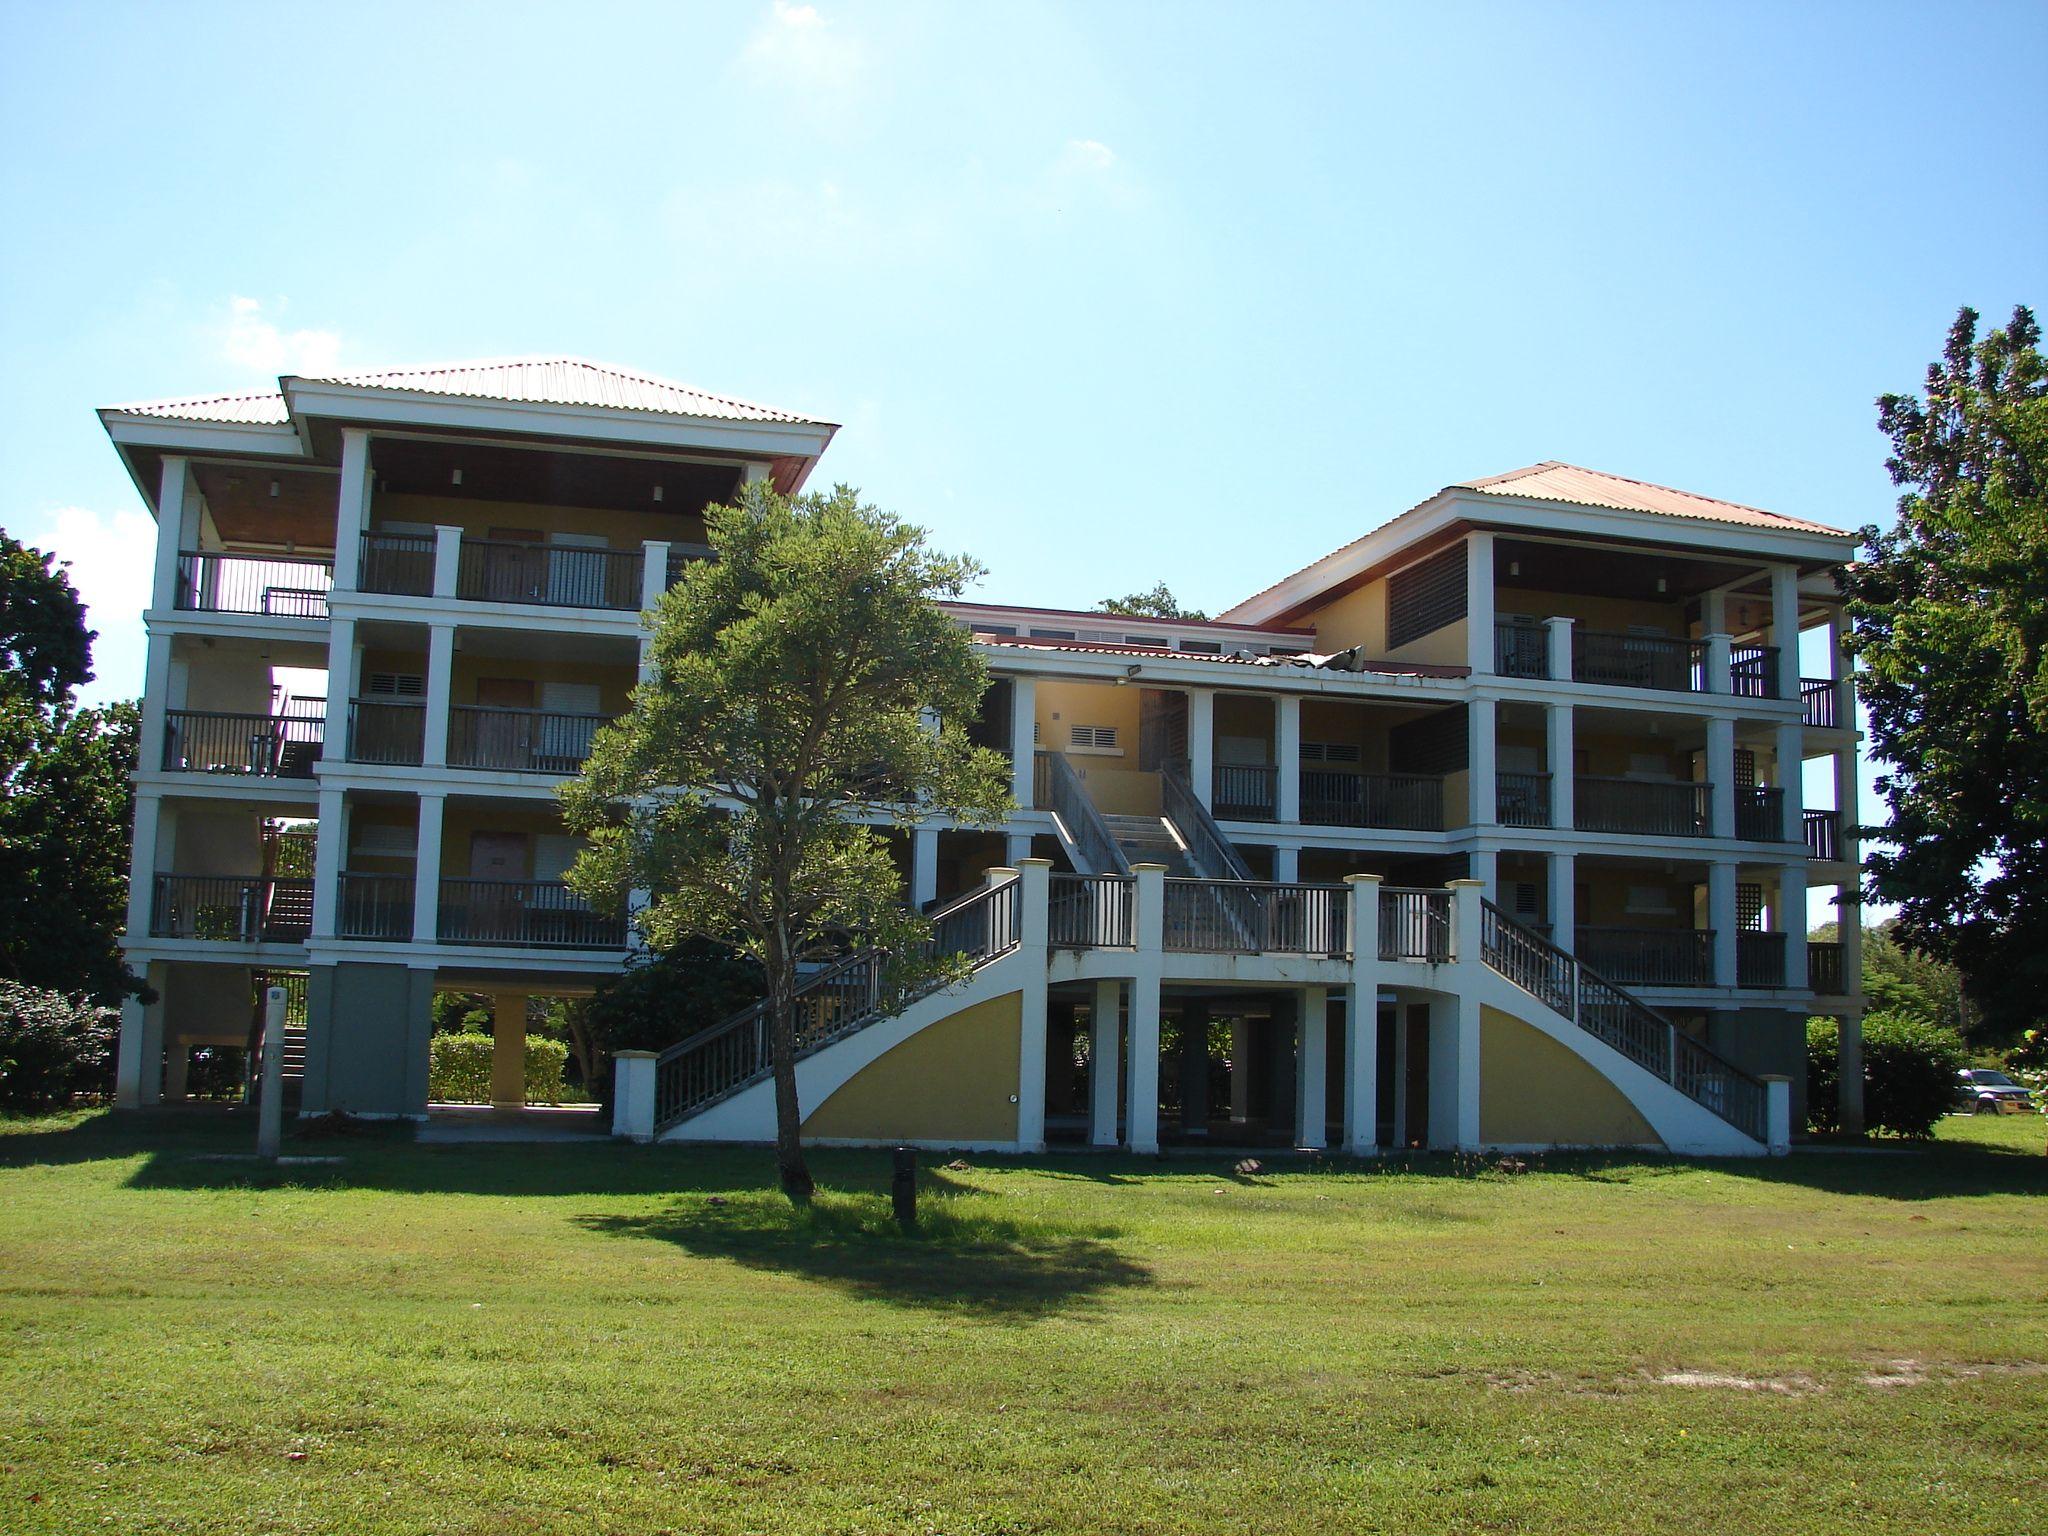 Villas algas boqueron beach cabo rojo puerto rico for Villas koralina combate cabo rojo